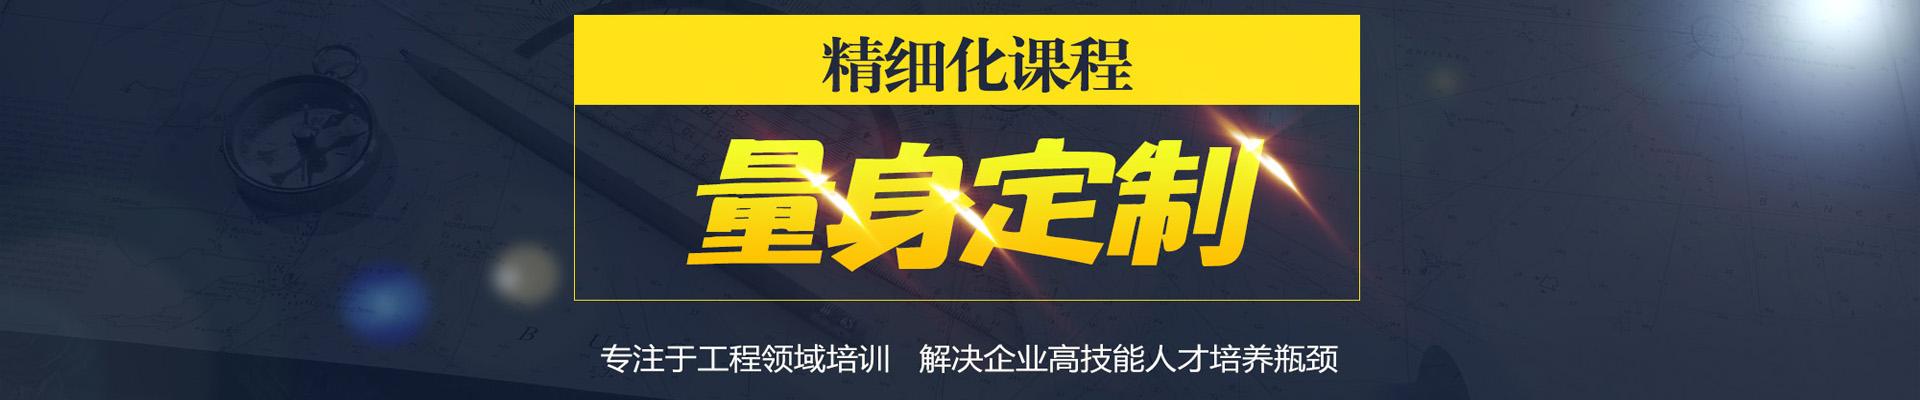 黑龙江齐齐哈尔优路教育培训学校